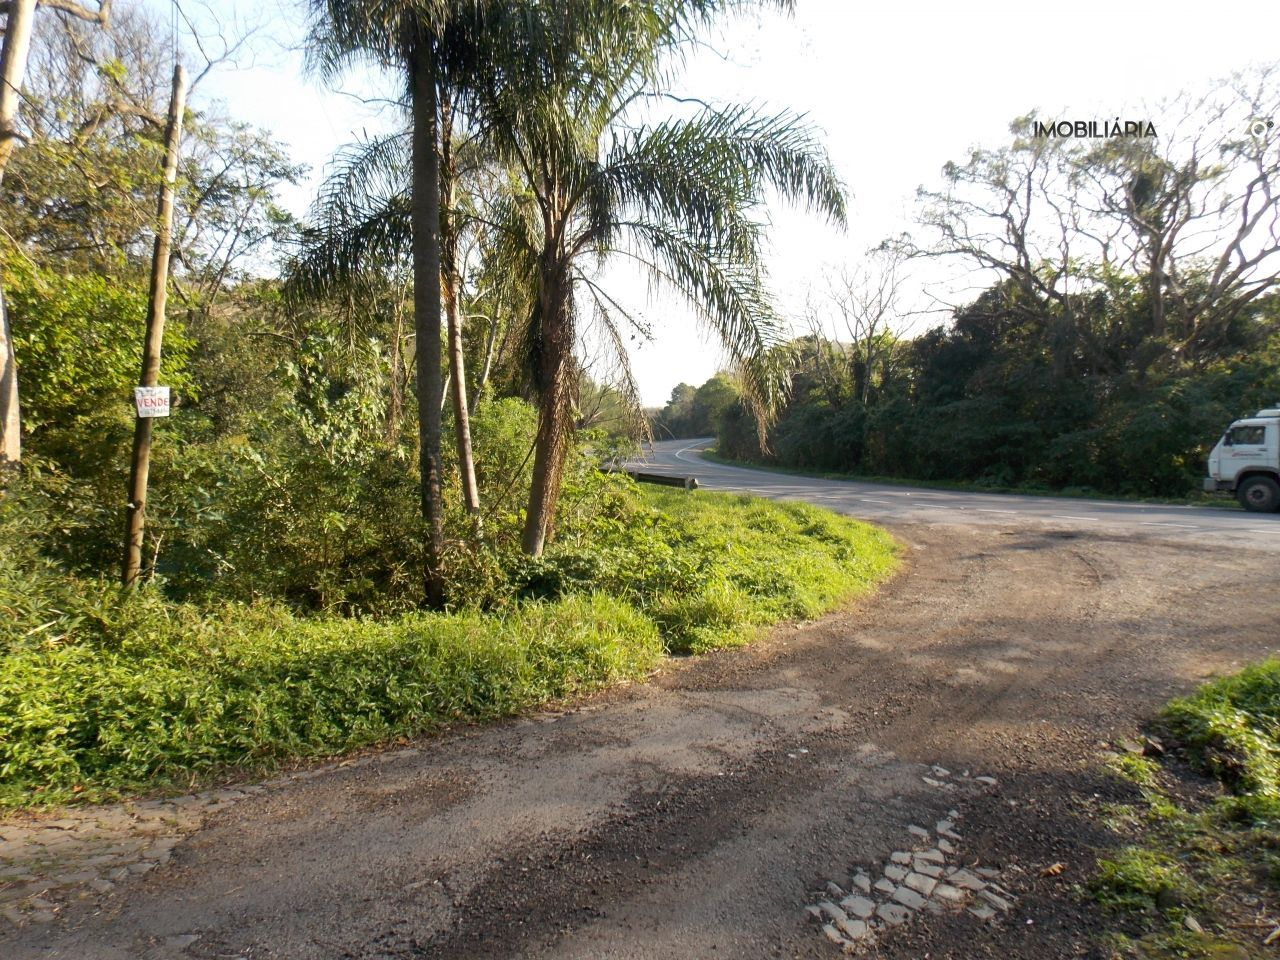 Terreno/Lote à venda, 1.370 m² por R$ 140.000,00